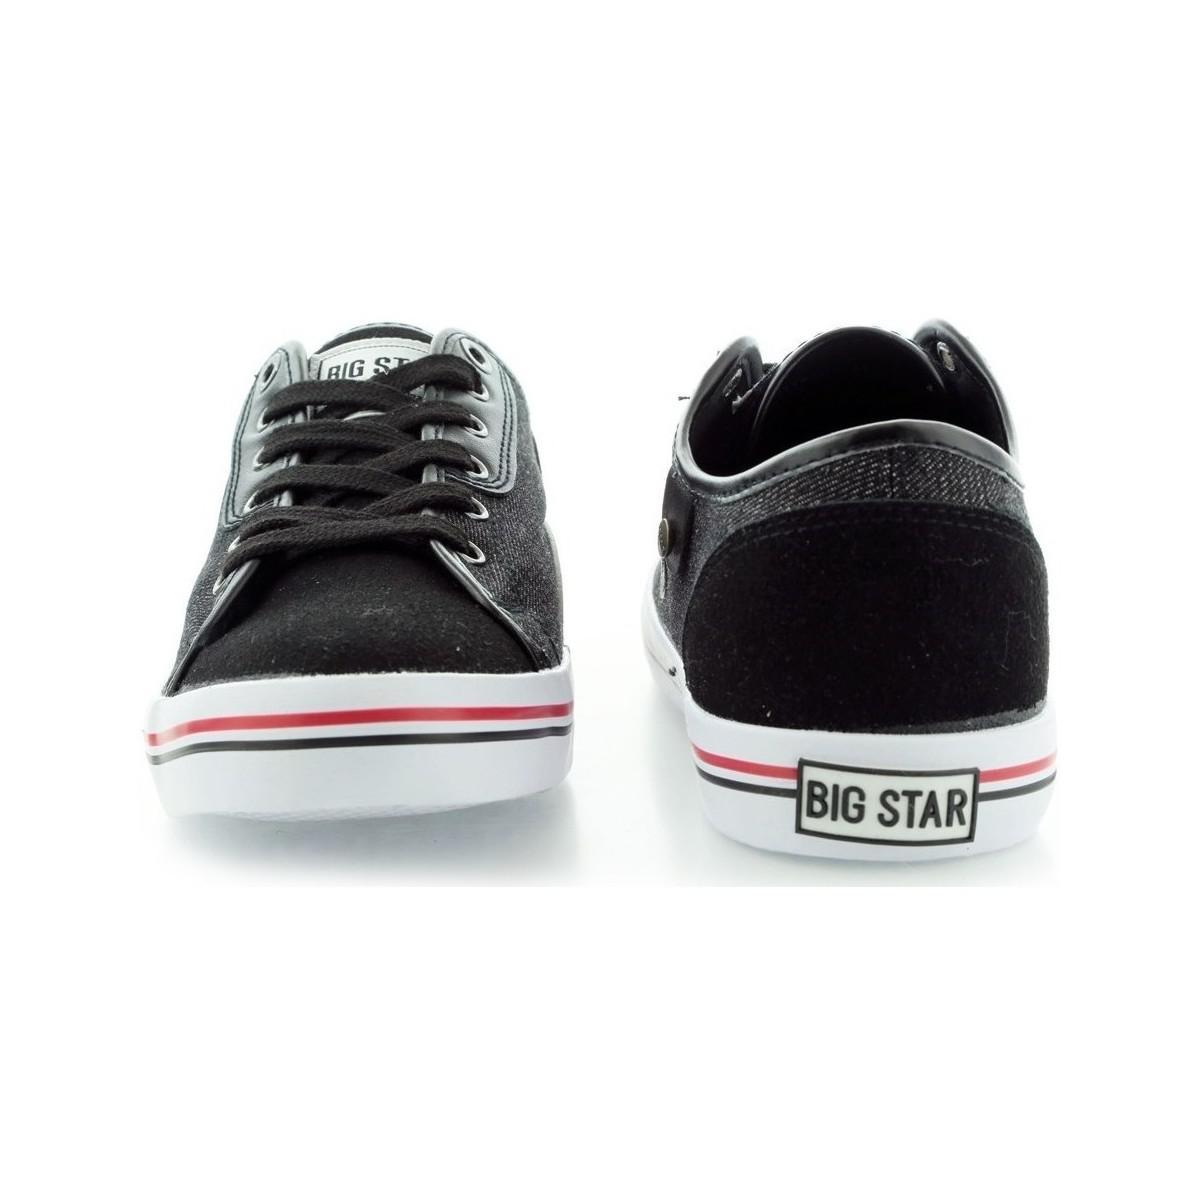 Sneakers Big Star U174105 xbv5Lx